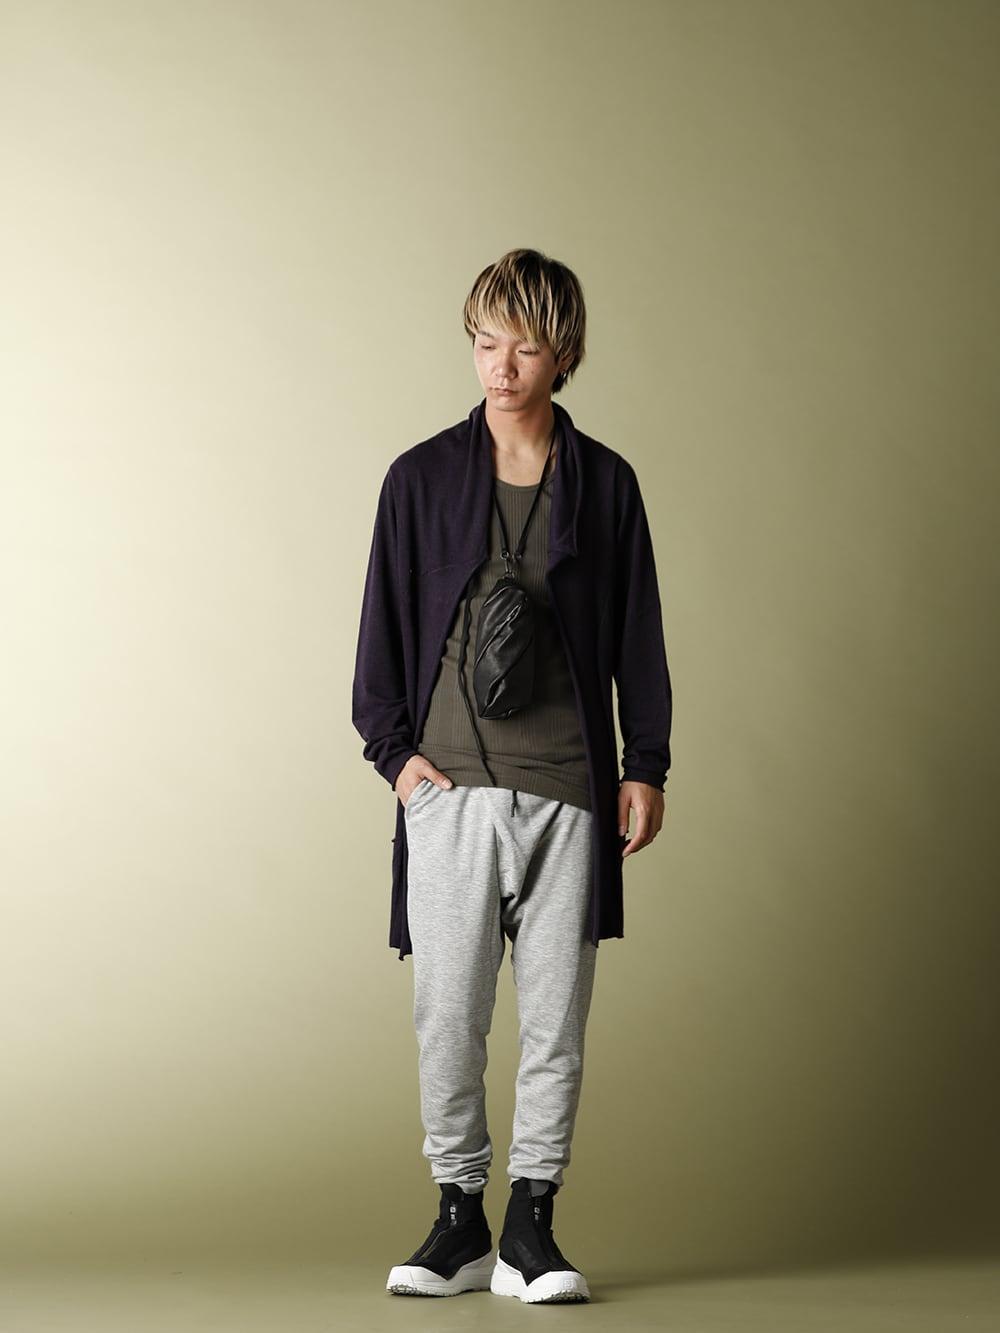 .LOGY Kyoto 20SS RIPVANWINKLE【 LAYERED TANK TOP 】STYLE! - 1-001